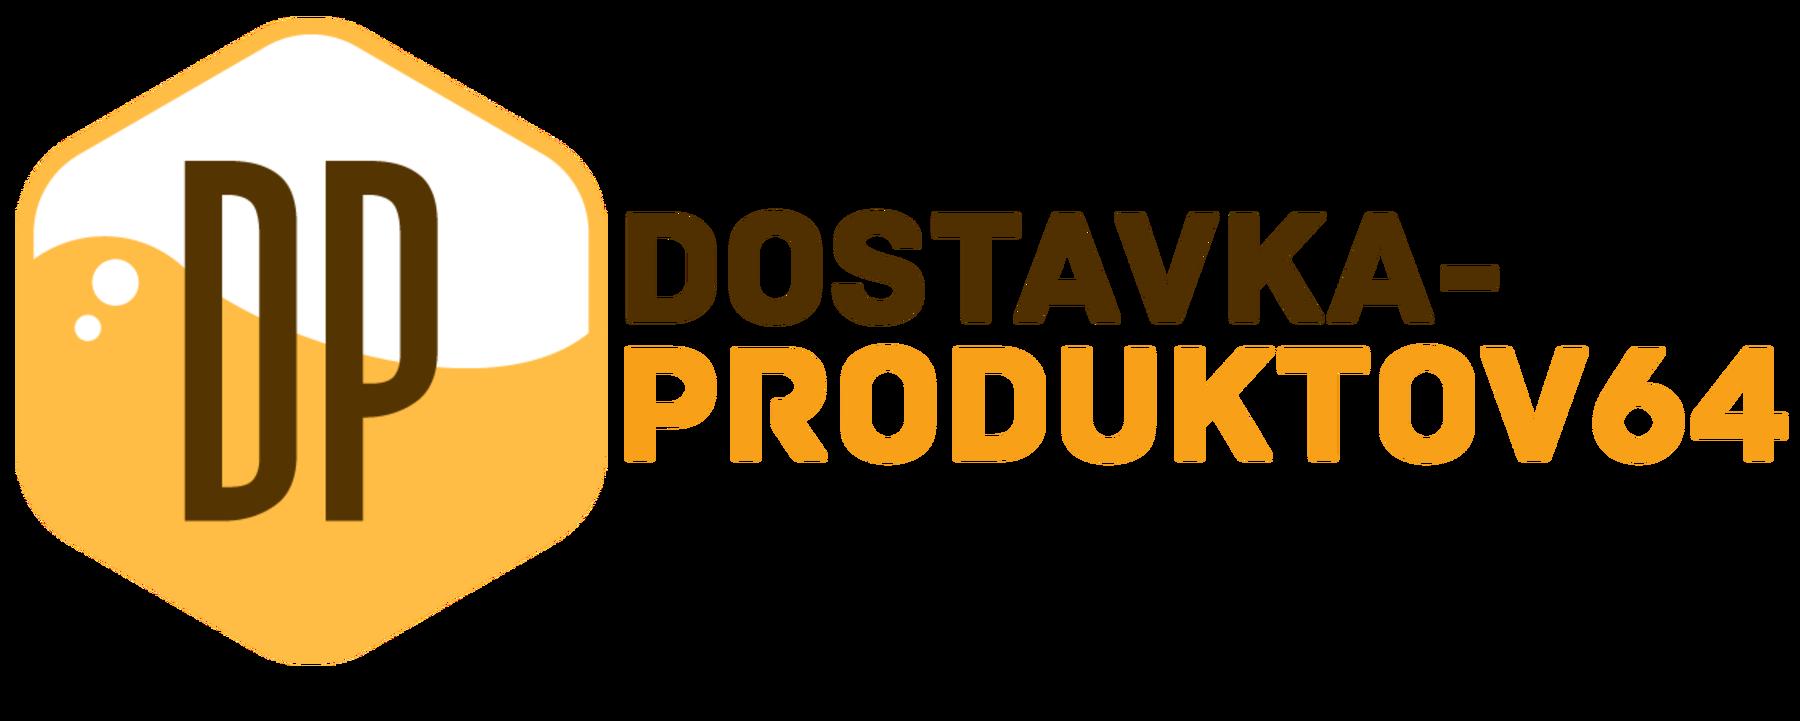 Интернет-гипермаркет-продуктов Доставка-Продуктов64